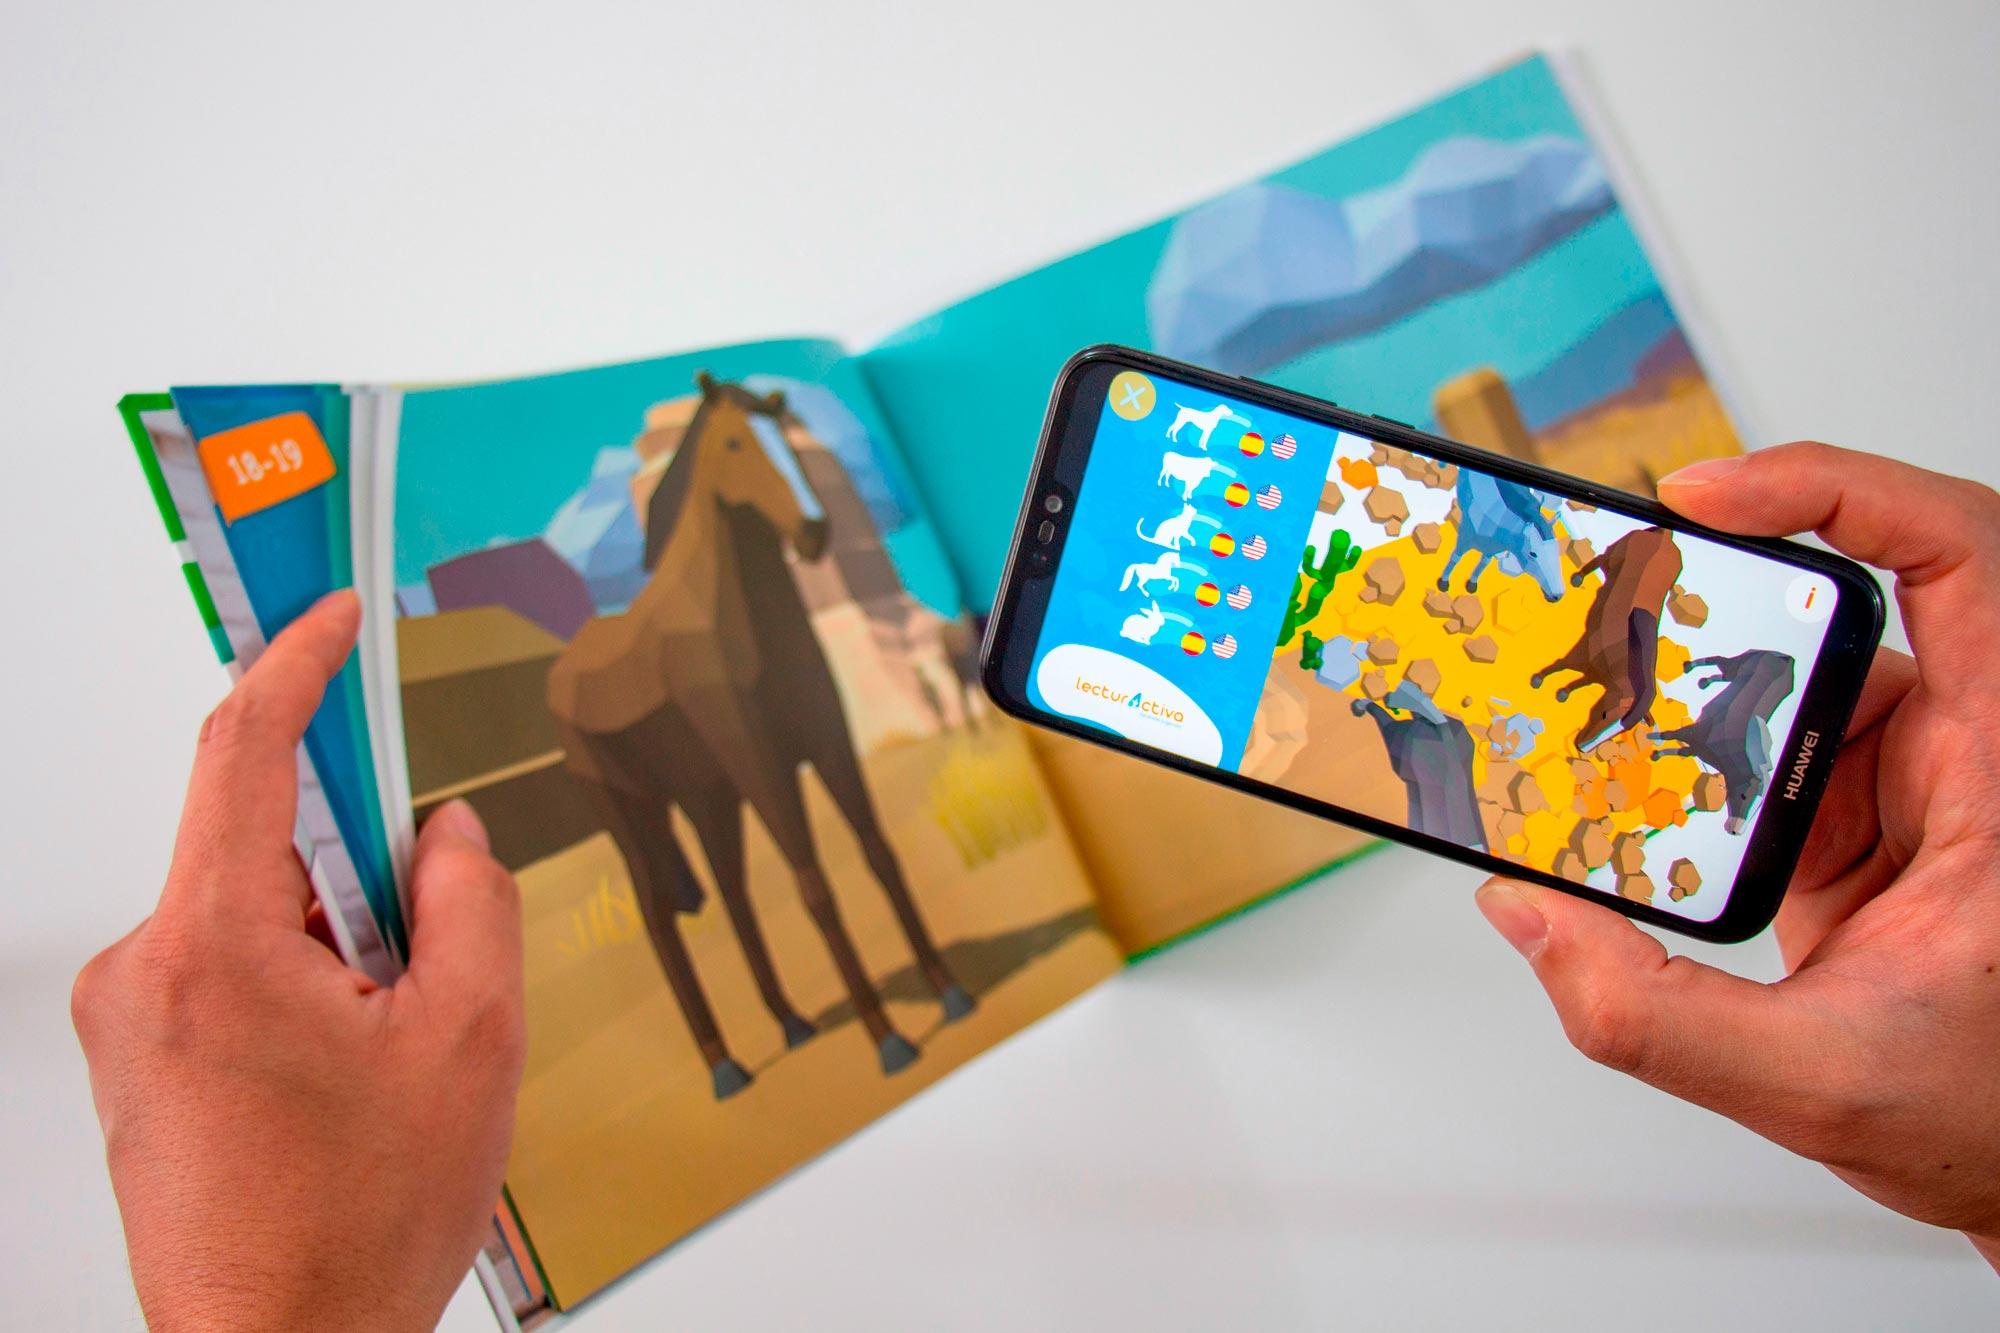 libros-interactivos-bilingues-para-niños-y-jovenes-0068